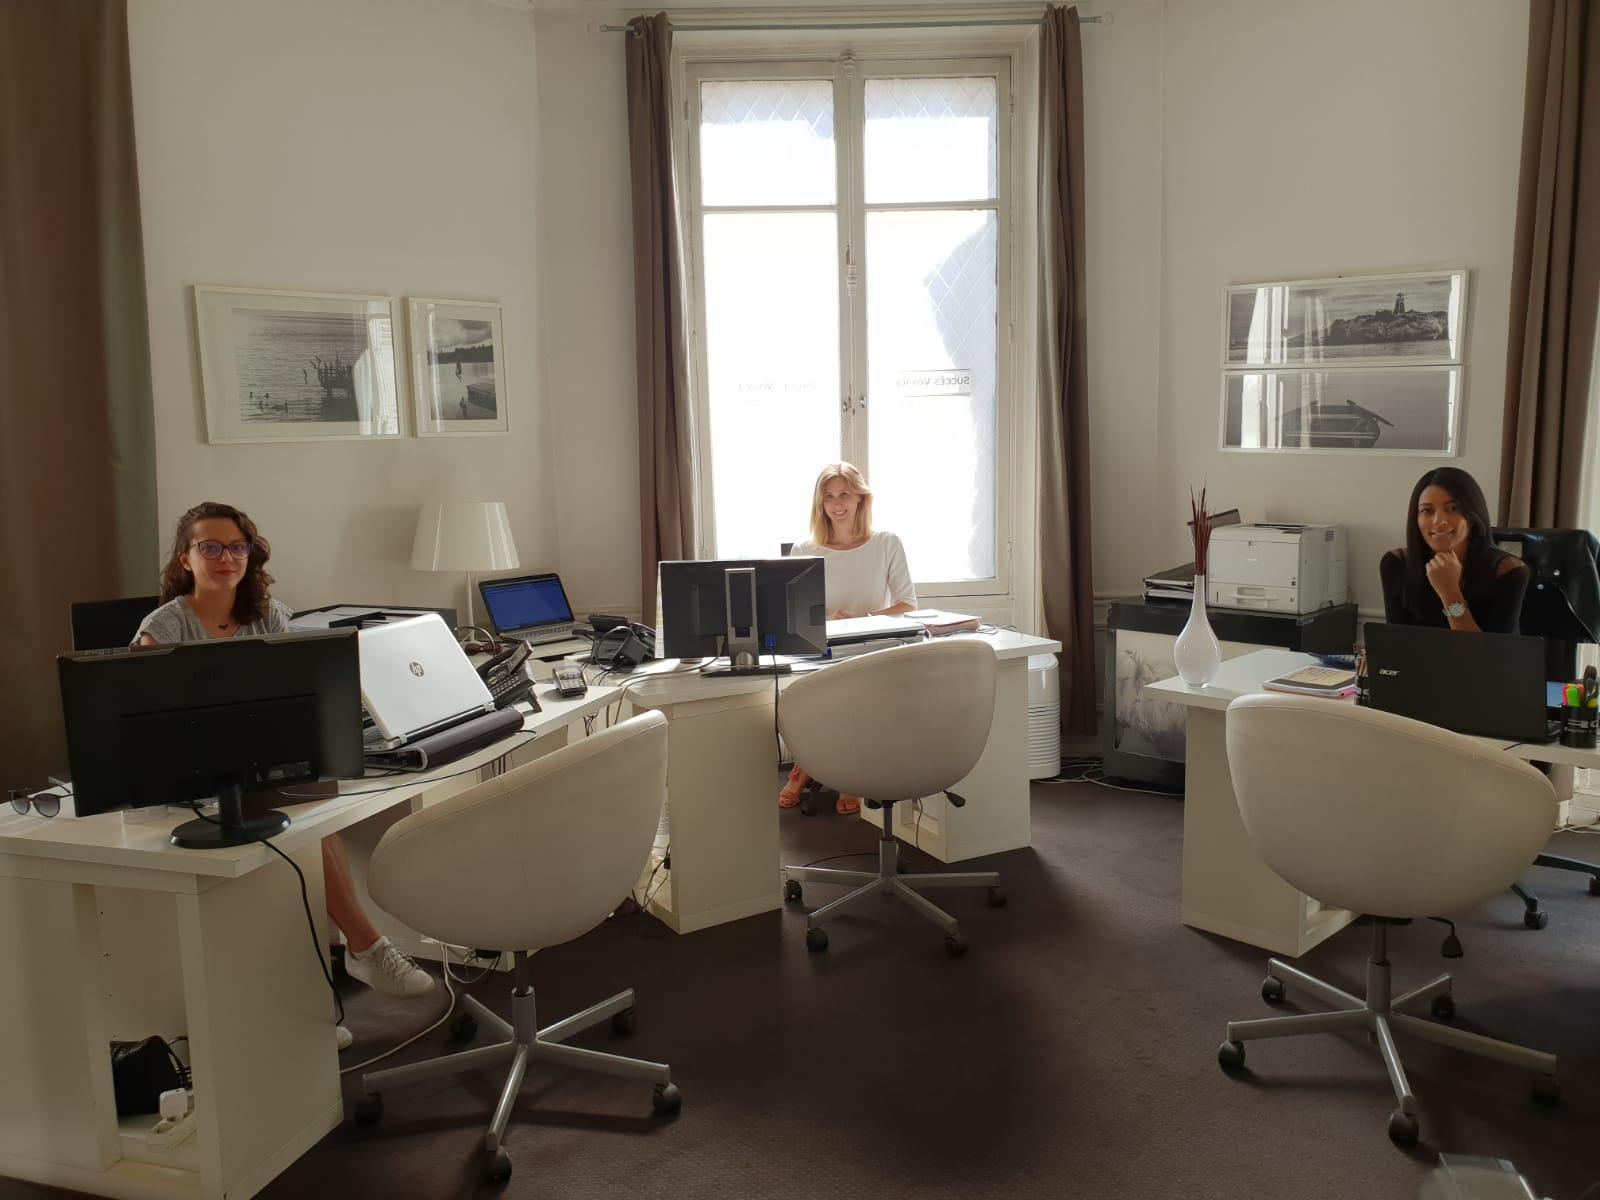 Succès Voyage cherche à étoffer son plateau d'affaires basé à Paris - DR Succès Voyage